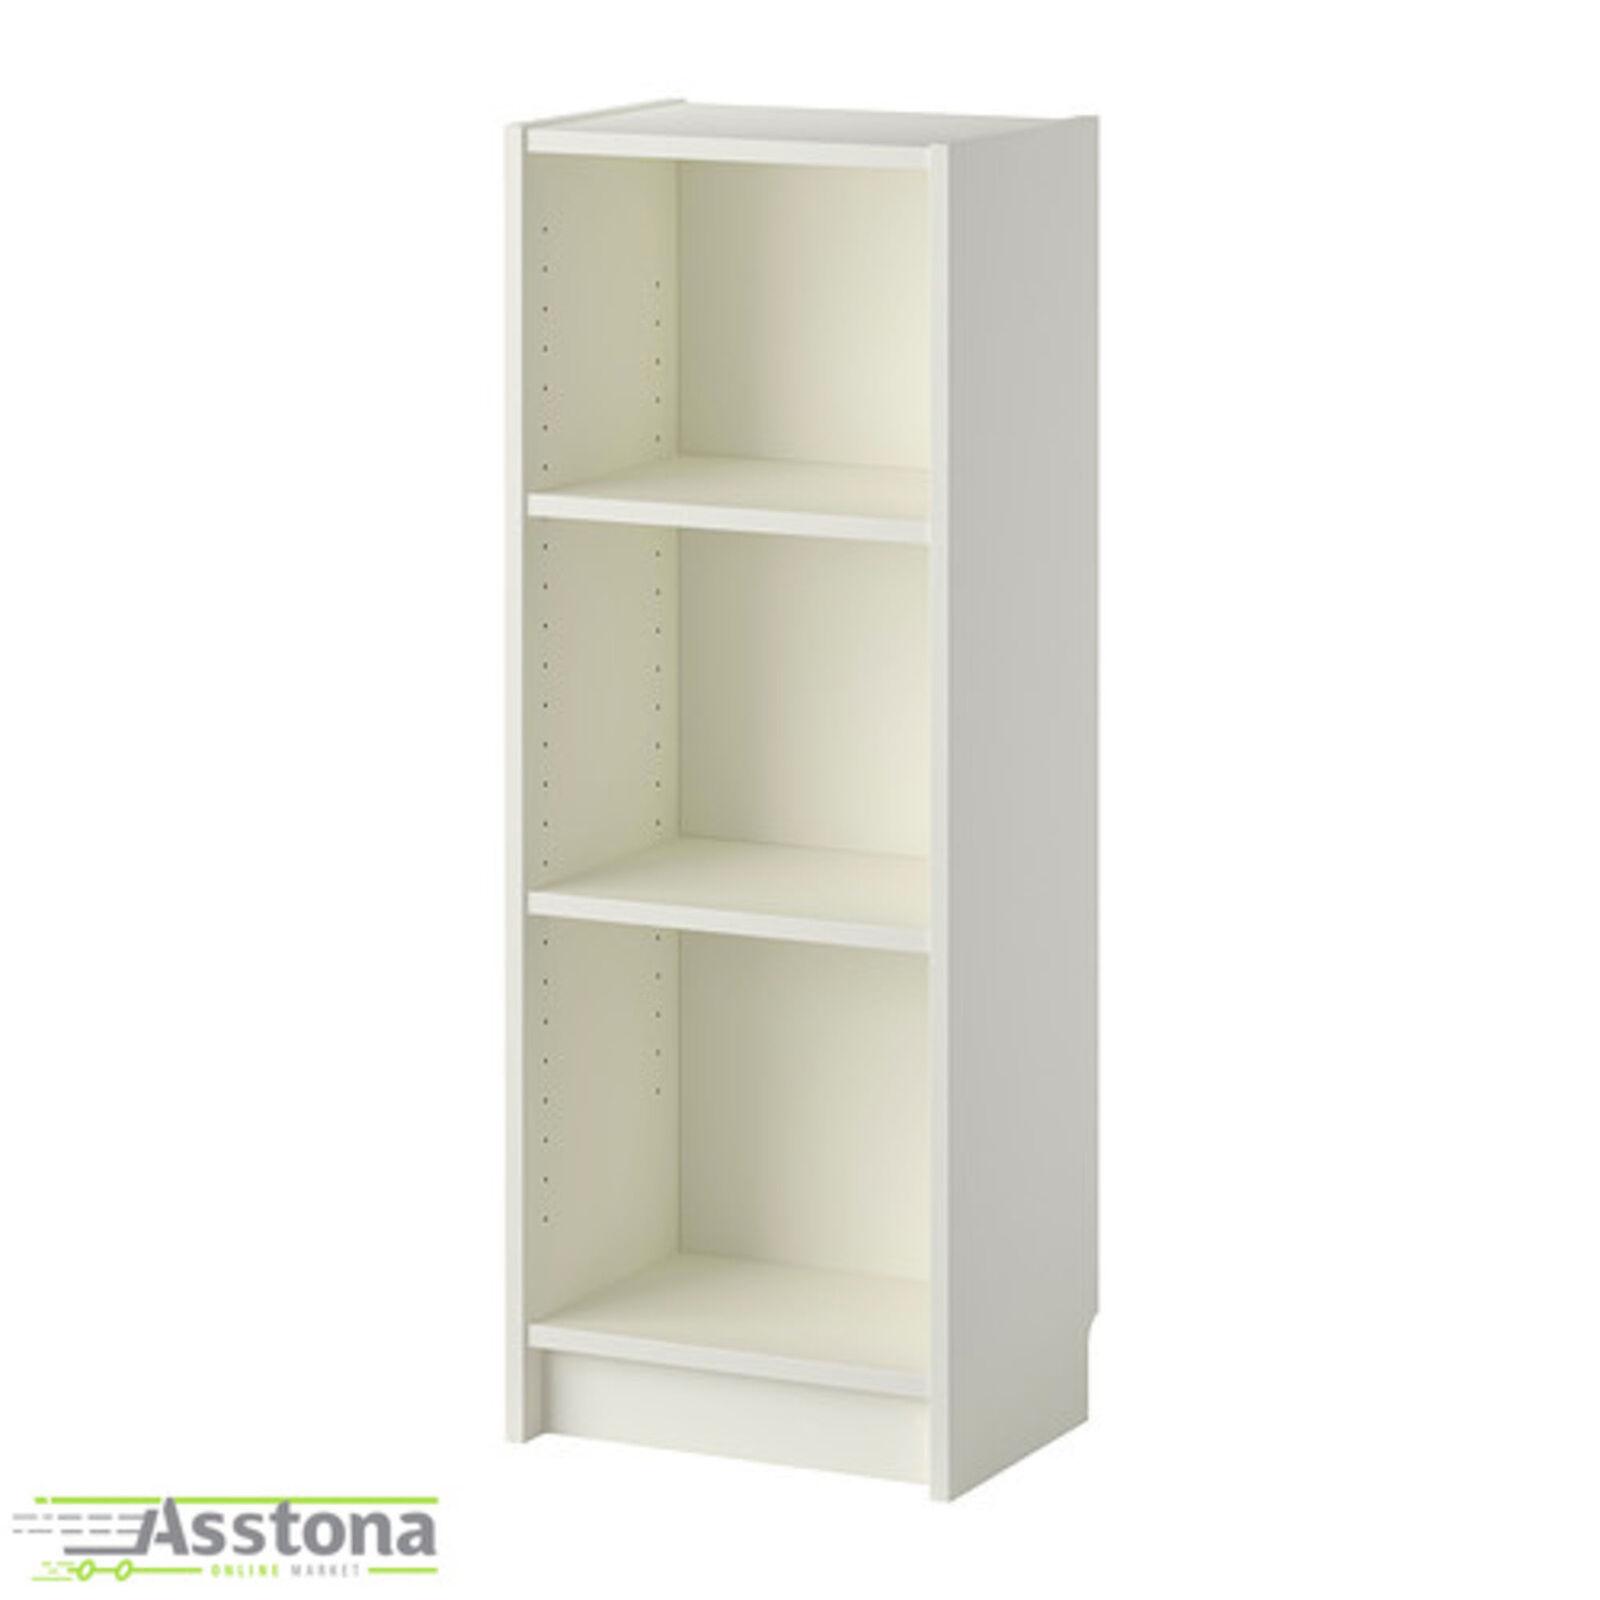 40x28x106cm IKEA BILLY Bücherregal in schwarzbraun; Holzregal Wohnzimmerregal